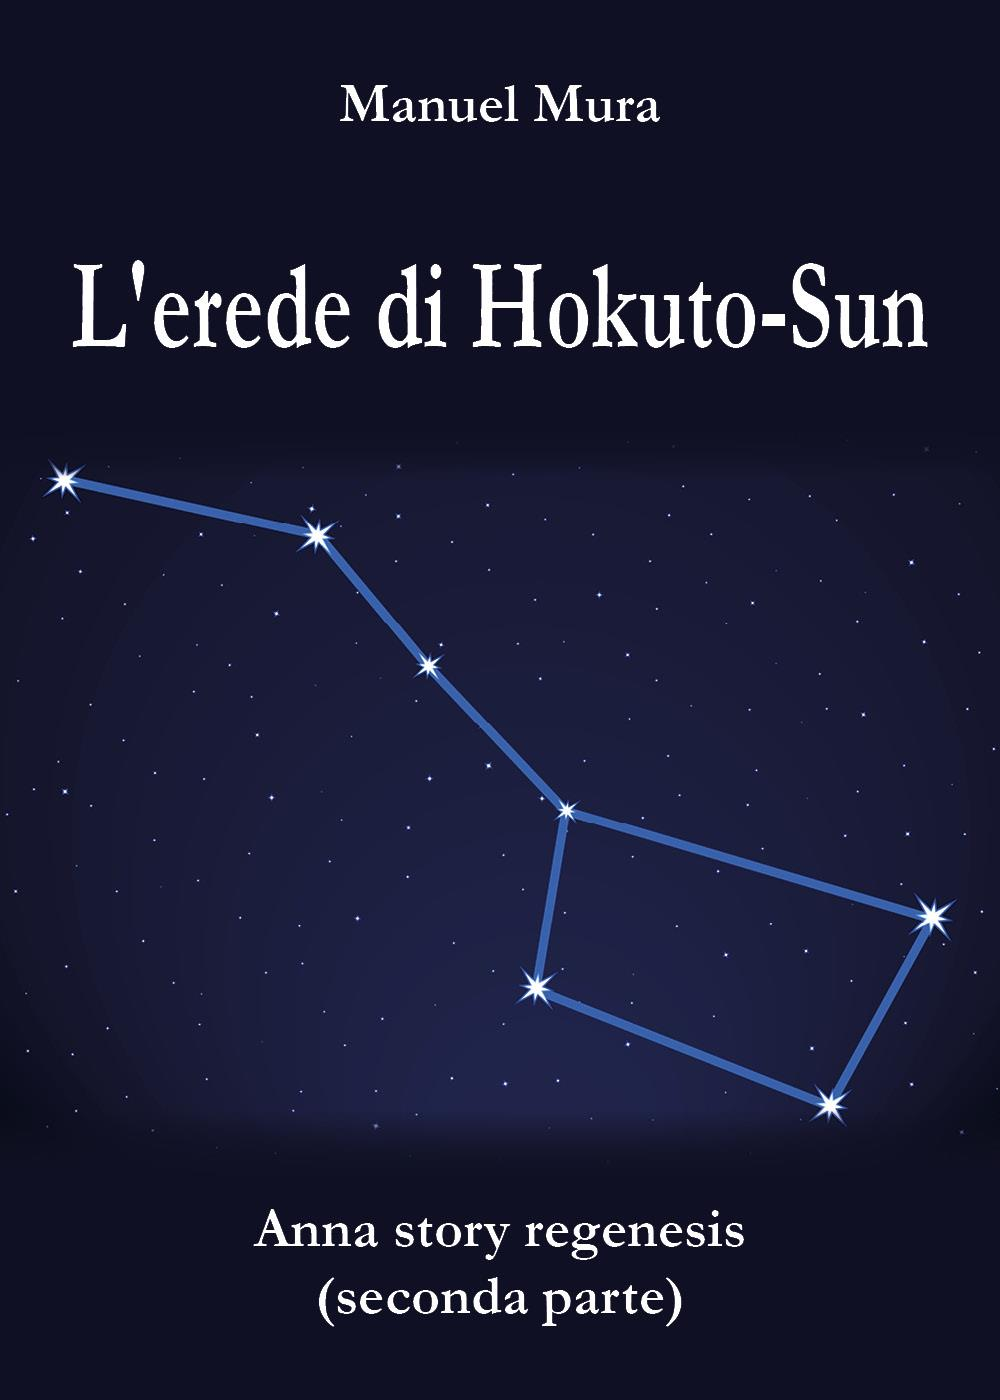 L'erede di Hokuto-Sun - Anna Story Regenesis seconda parte